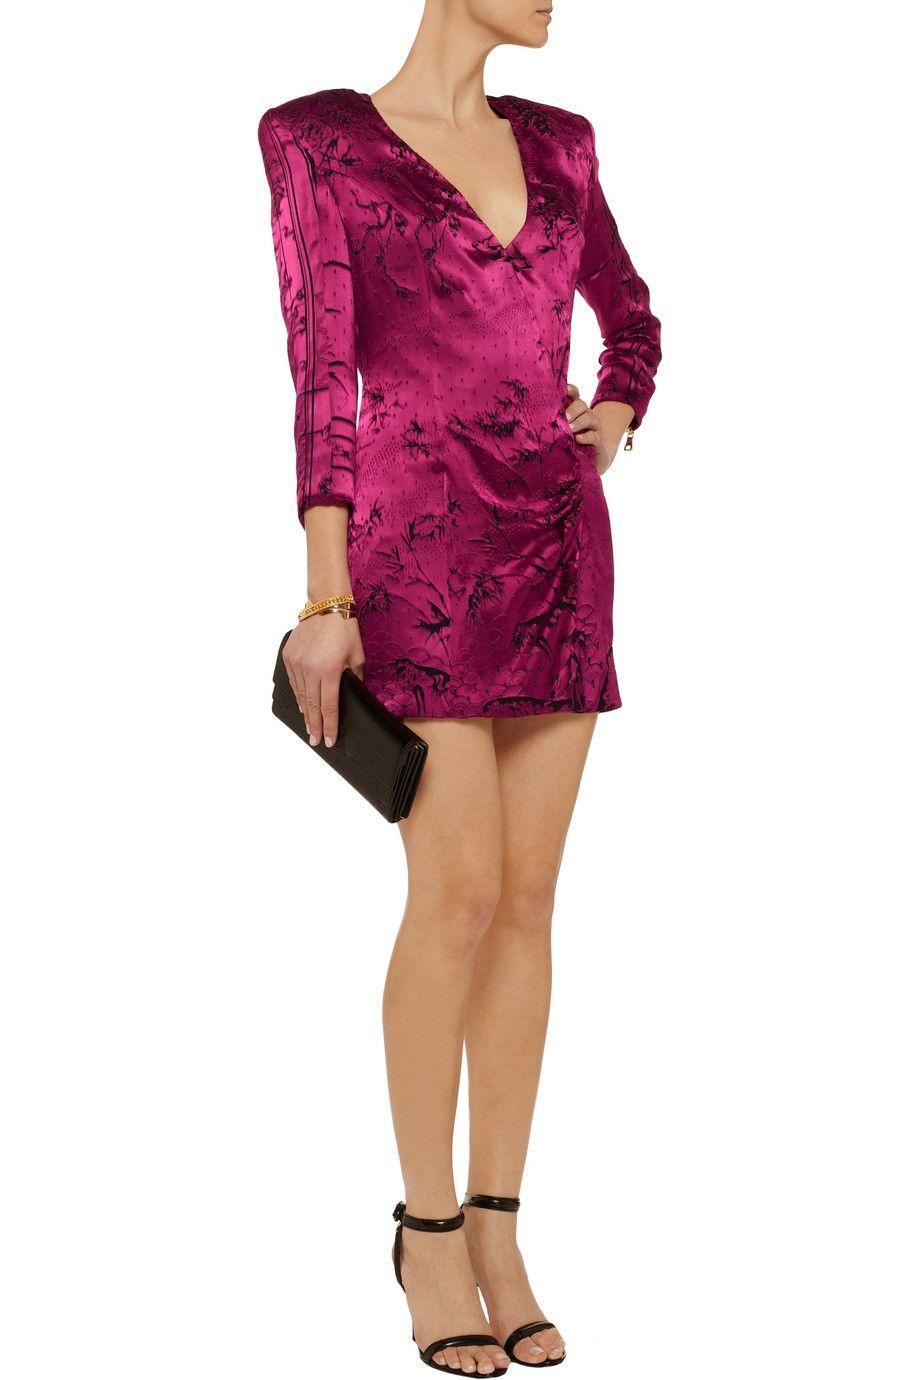 Balmainvelvetjacquard mini dressfront dress pinterest summer